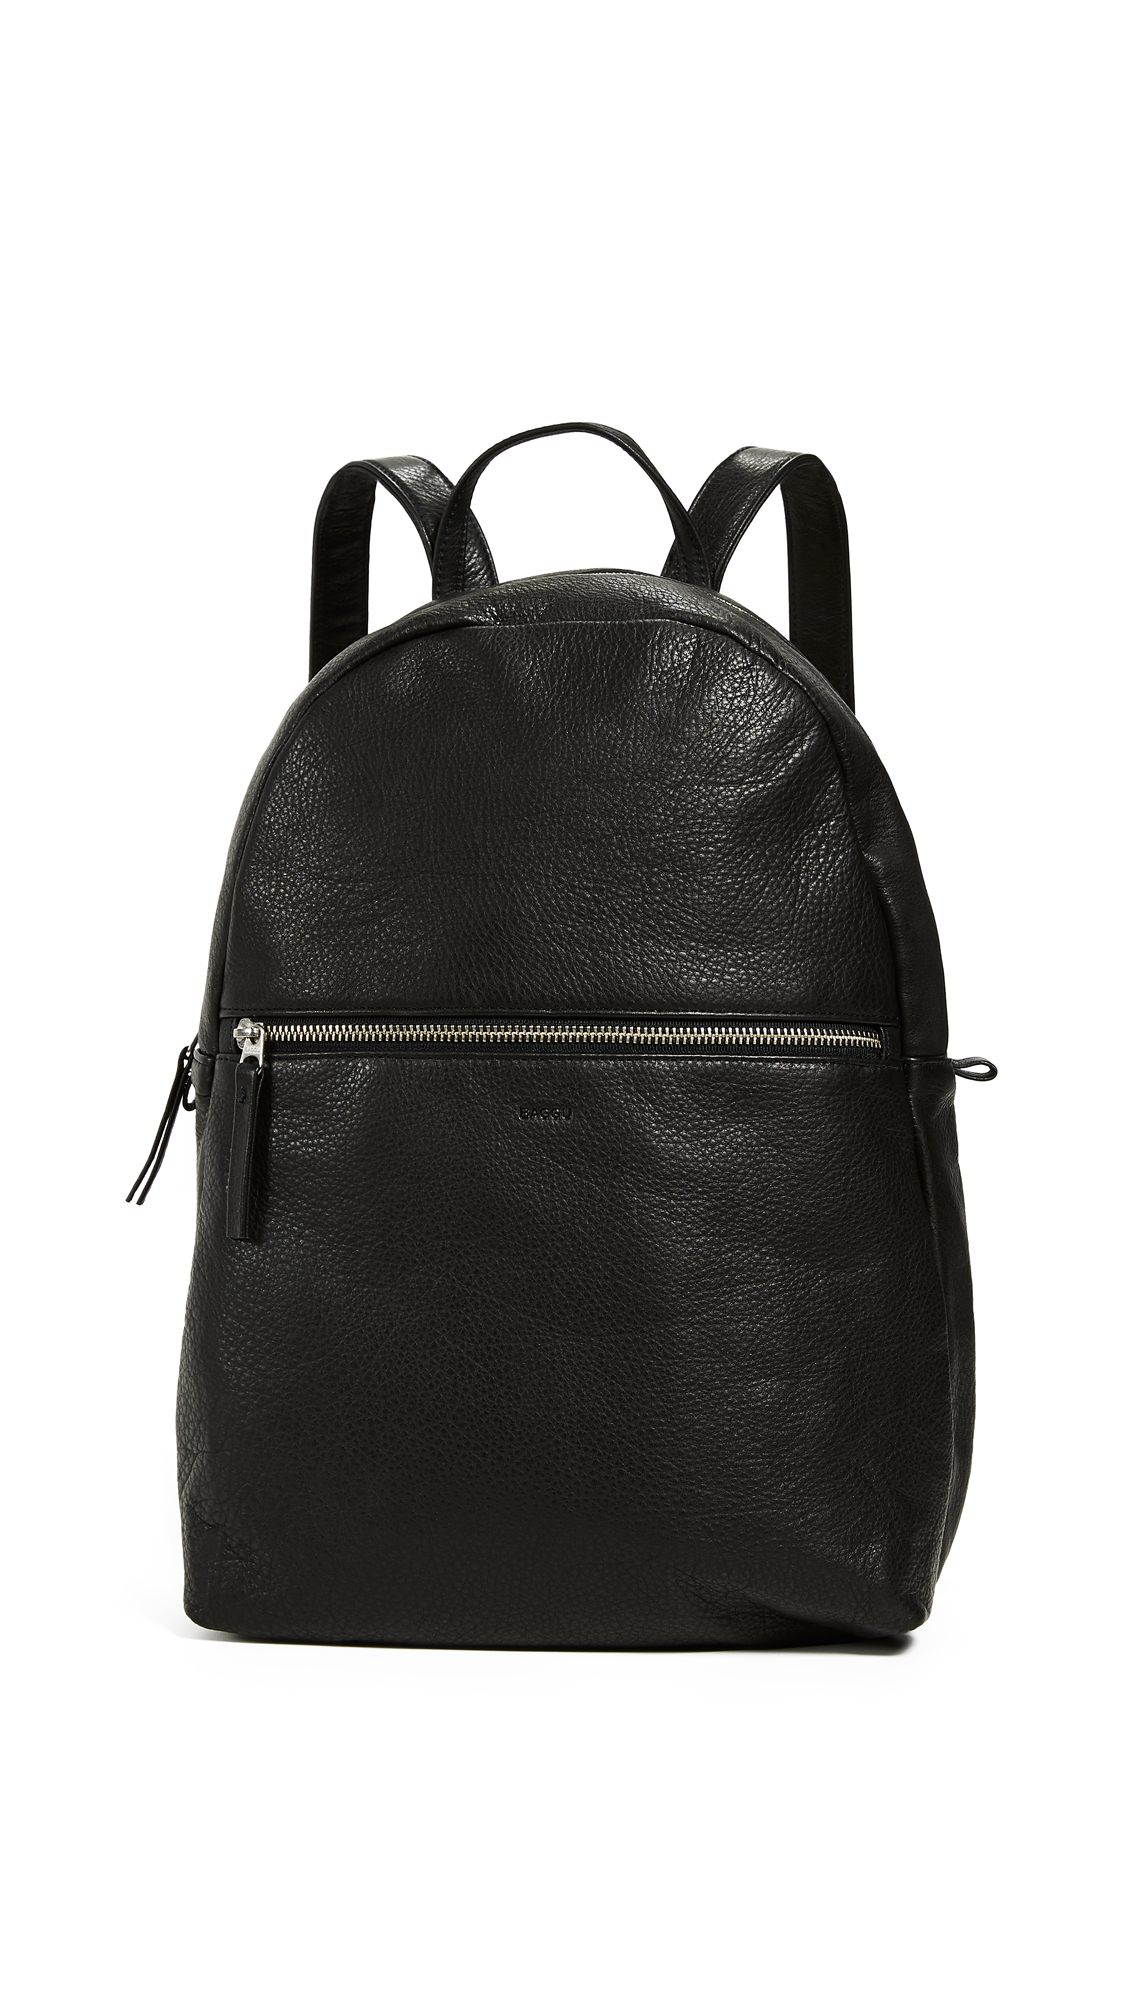 BAGGU Work Backpack in Black